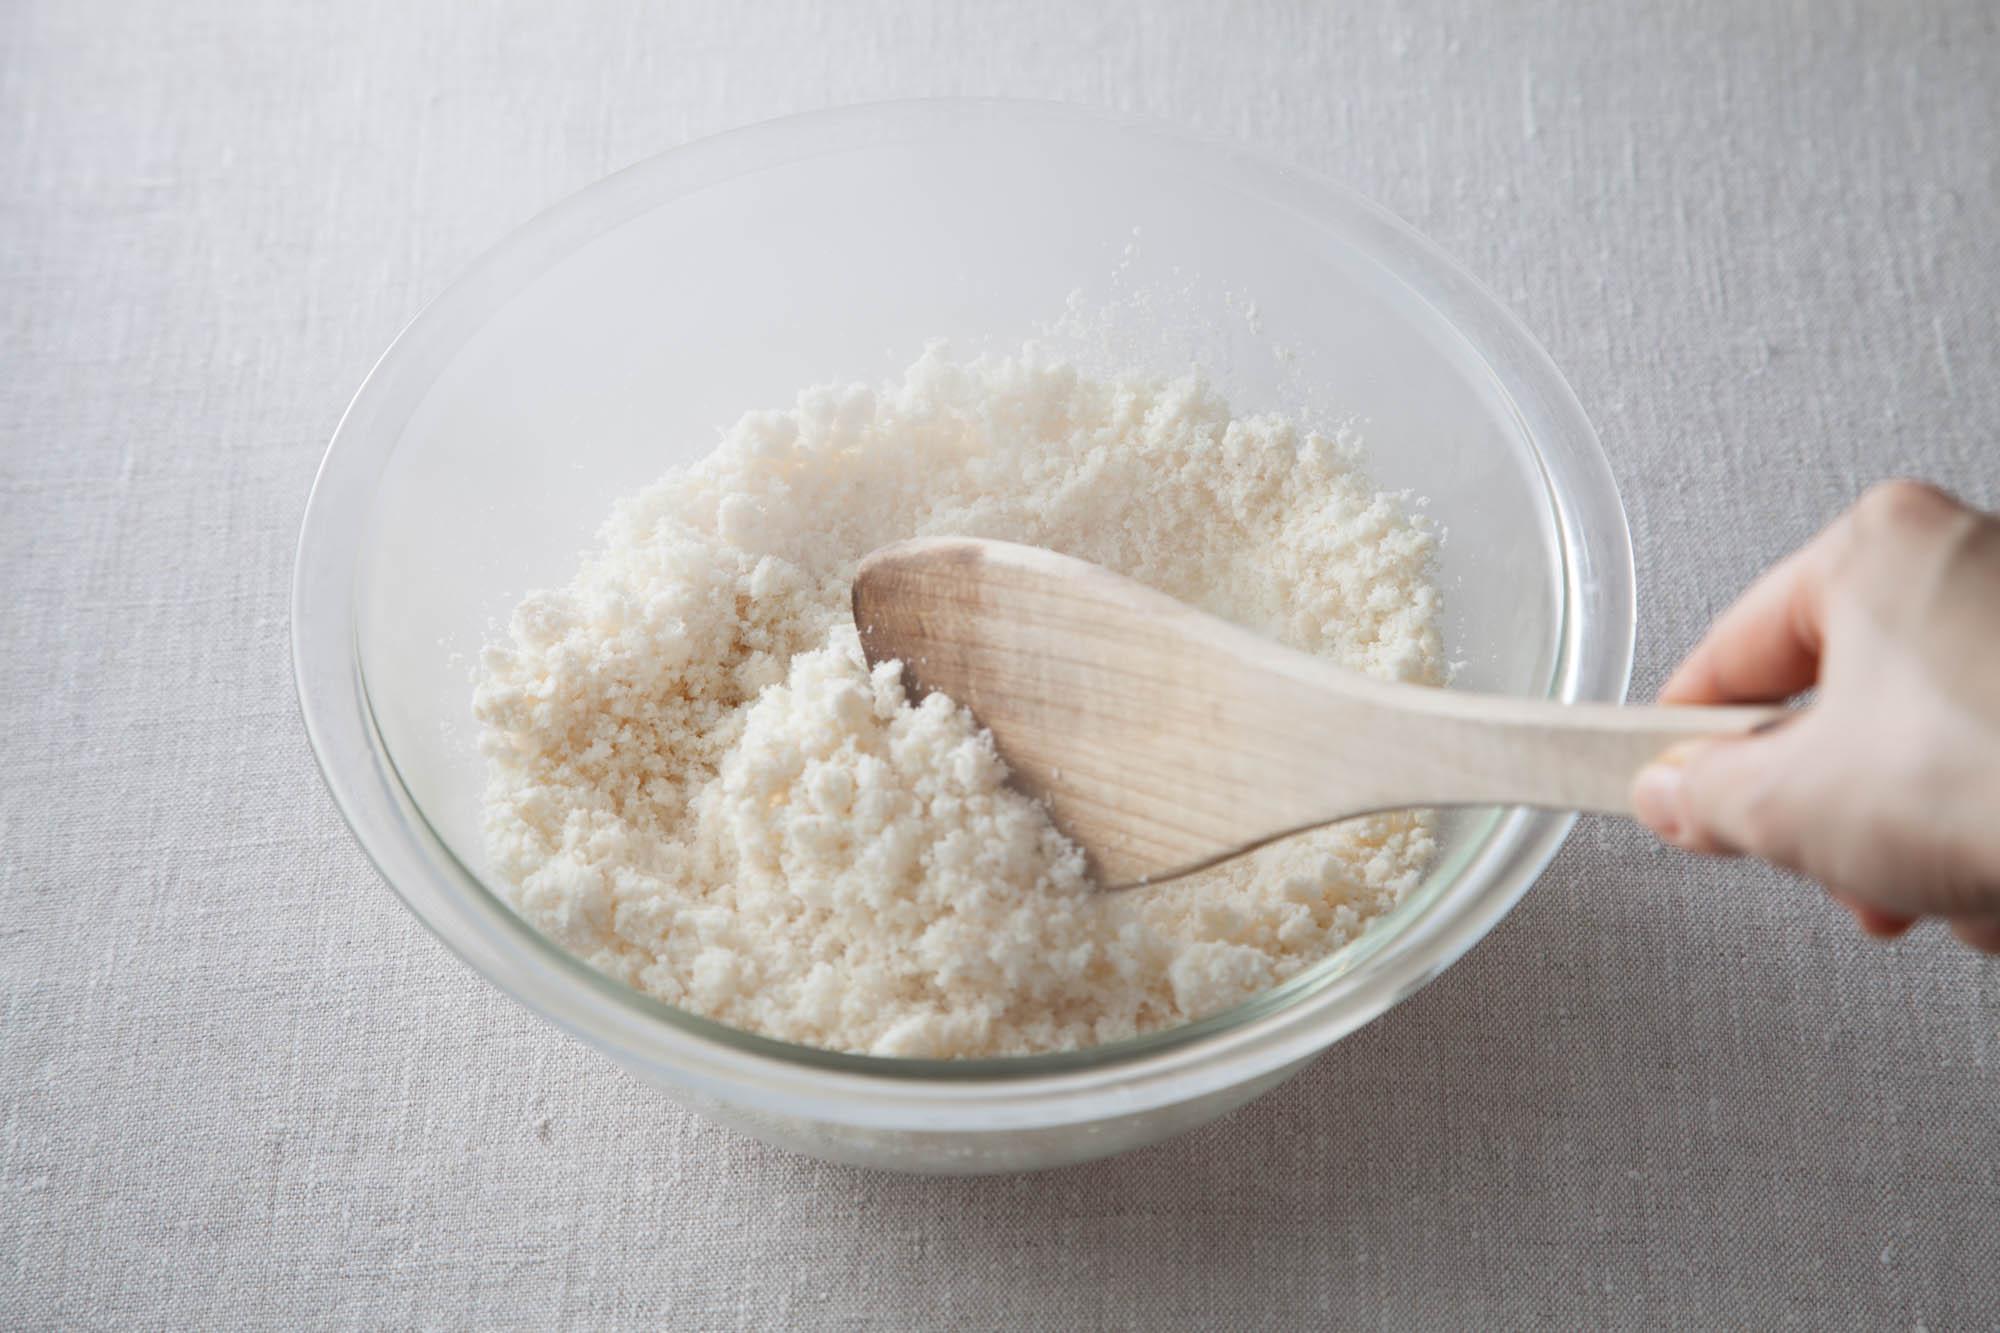 生おからを乾燥おからにする方法